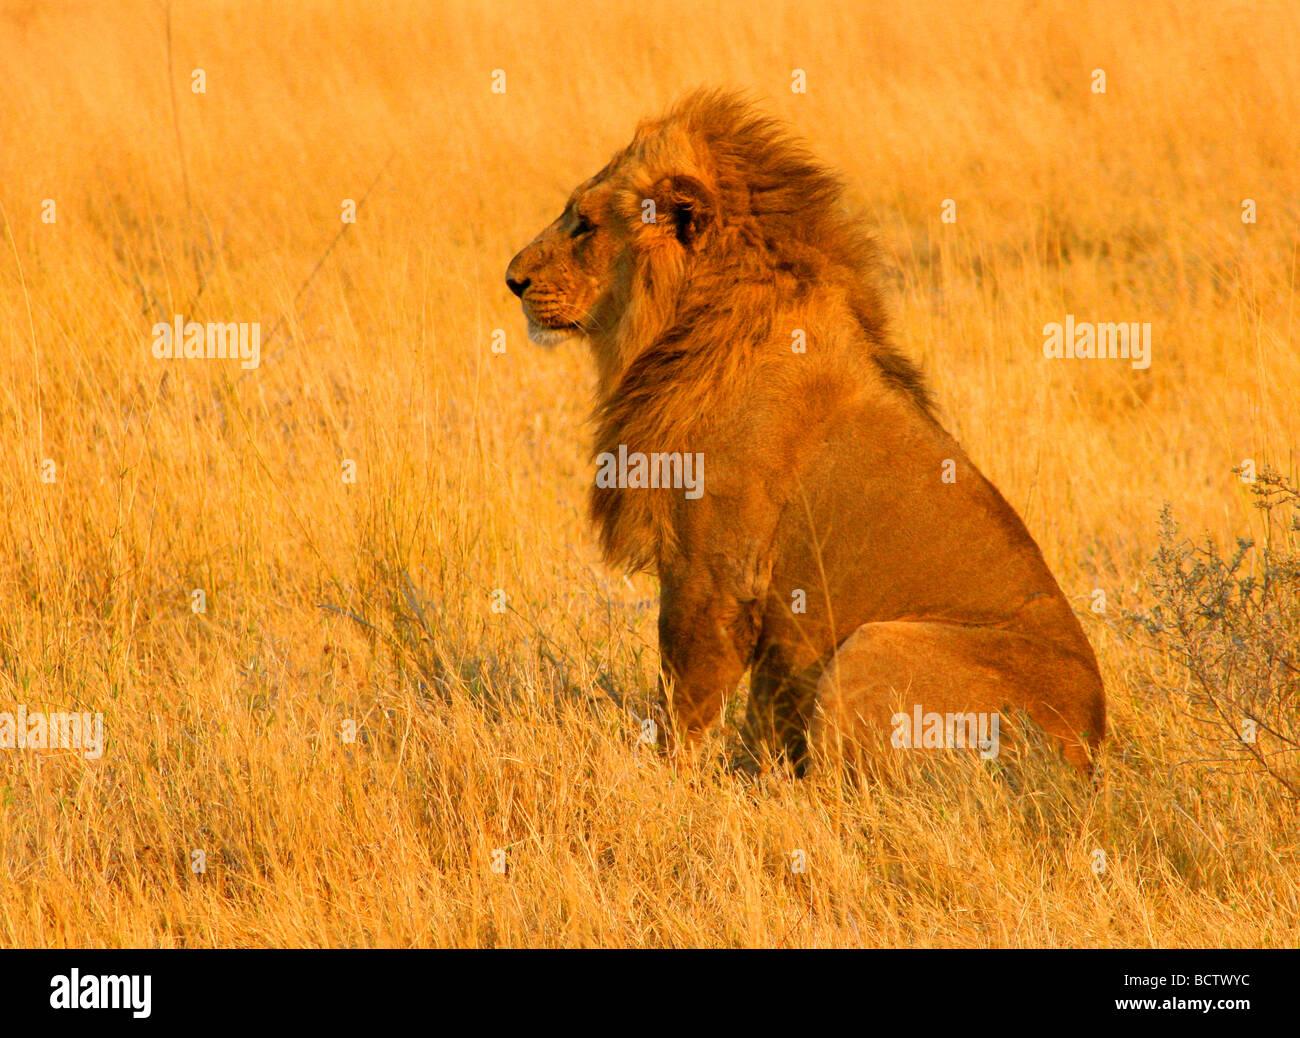 Lion (Panthera leo) in the tall grass, Okavango Delta, Botswana - Stock Image